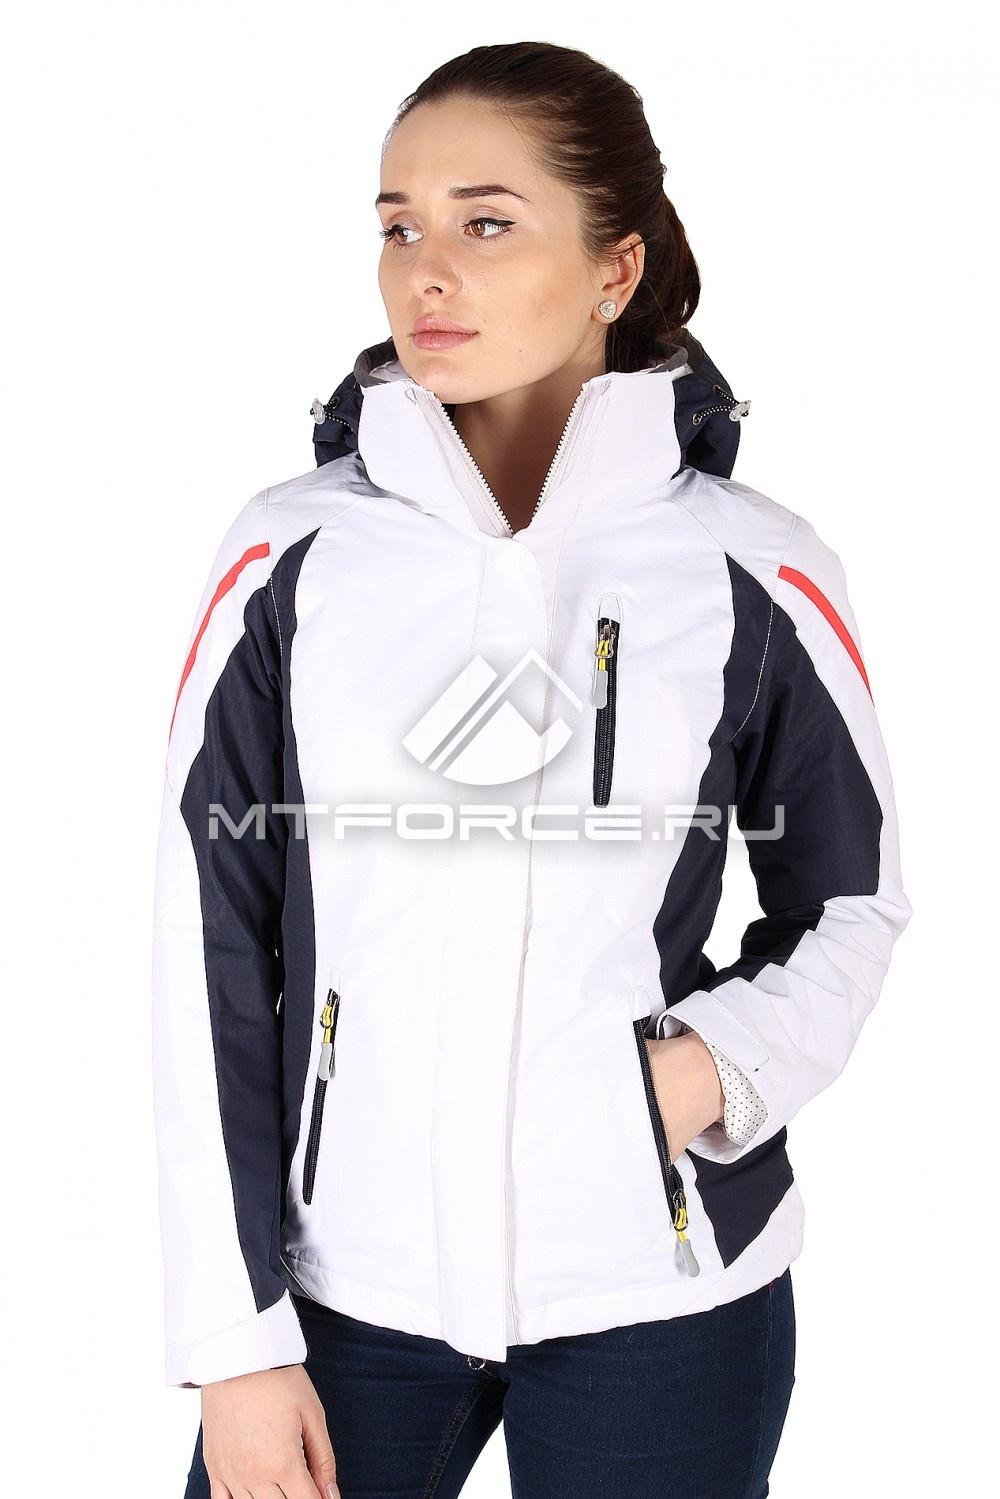 Купить                                  оптом Куртка спортивная женская весна бело-темно-синего цвета 930BTS